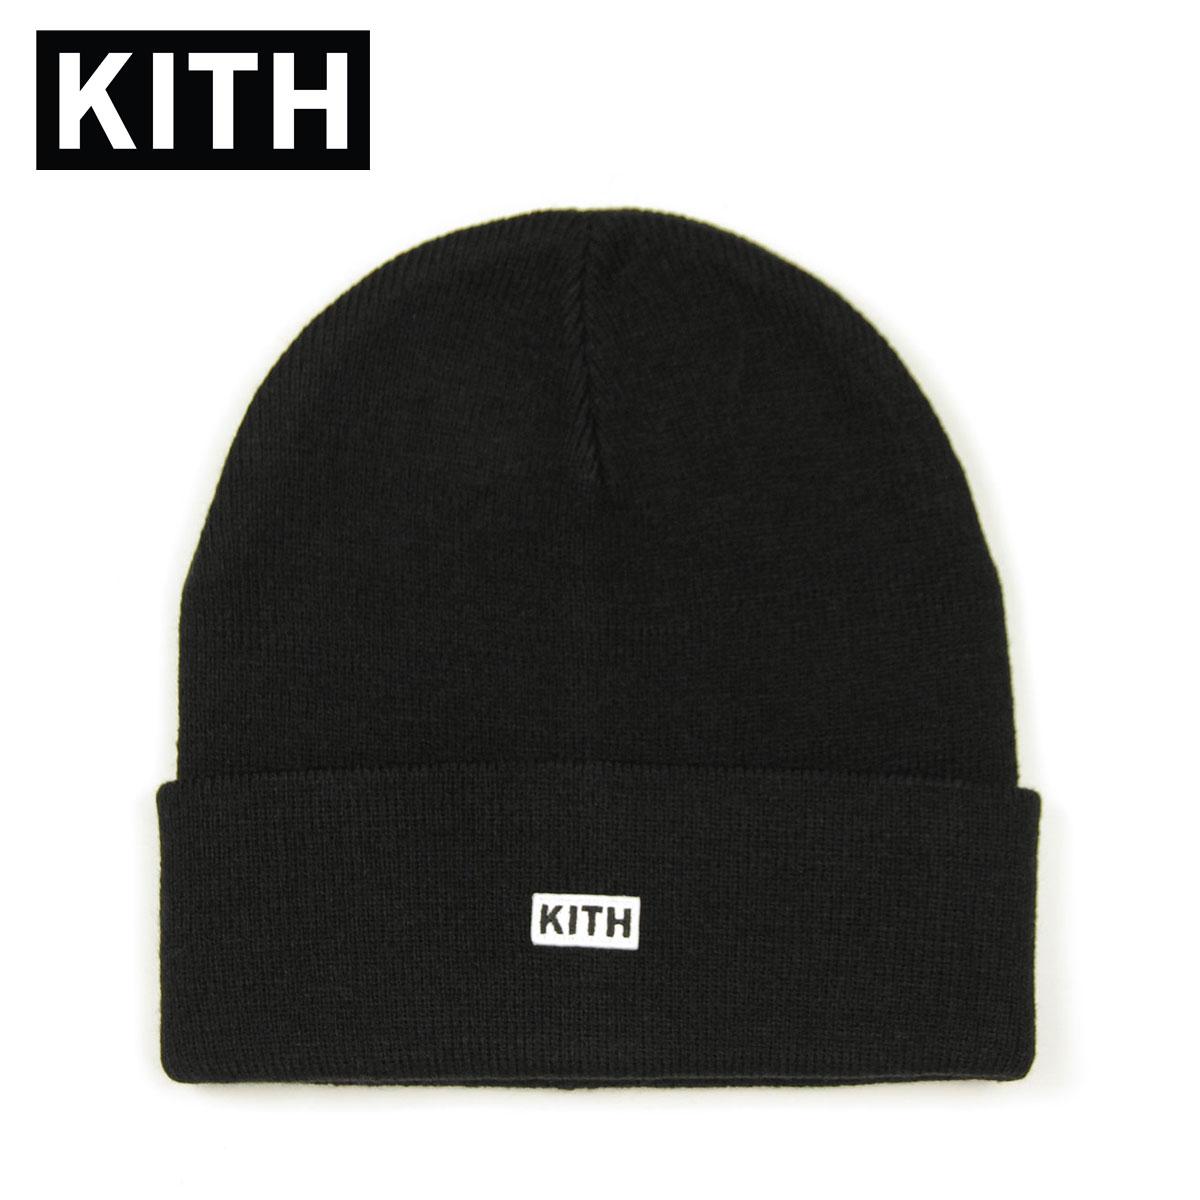 キス キャップ メンズ レディース 正規品 KITH 帽子 ビーニー ニットキャップ KITH CLASSIC DOCK BEANIE KHW5031-100 BLACK 父の日